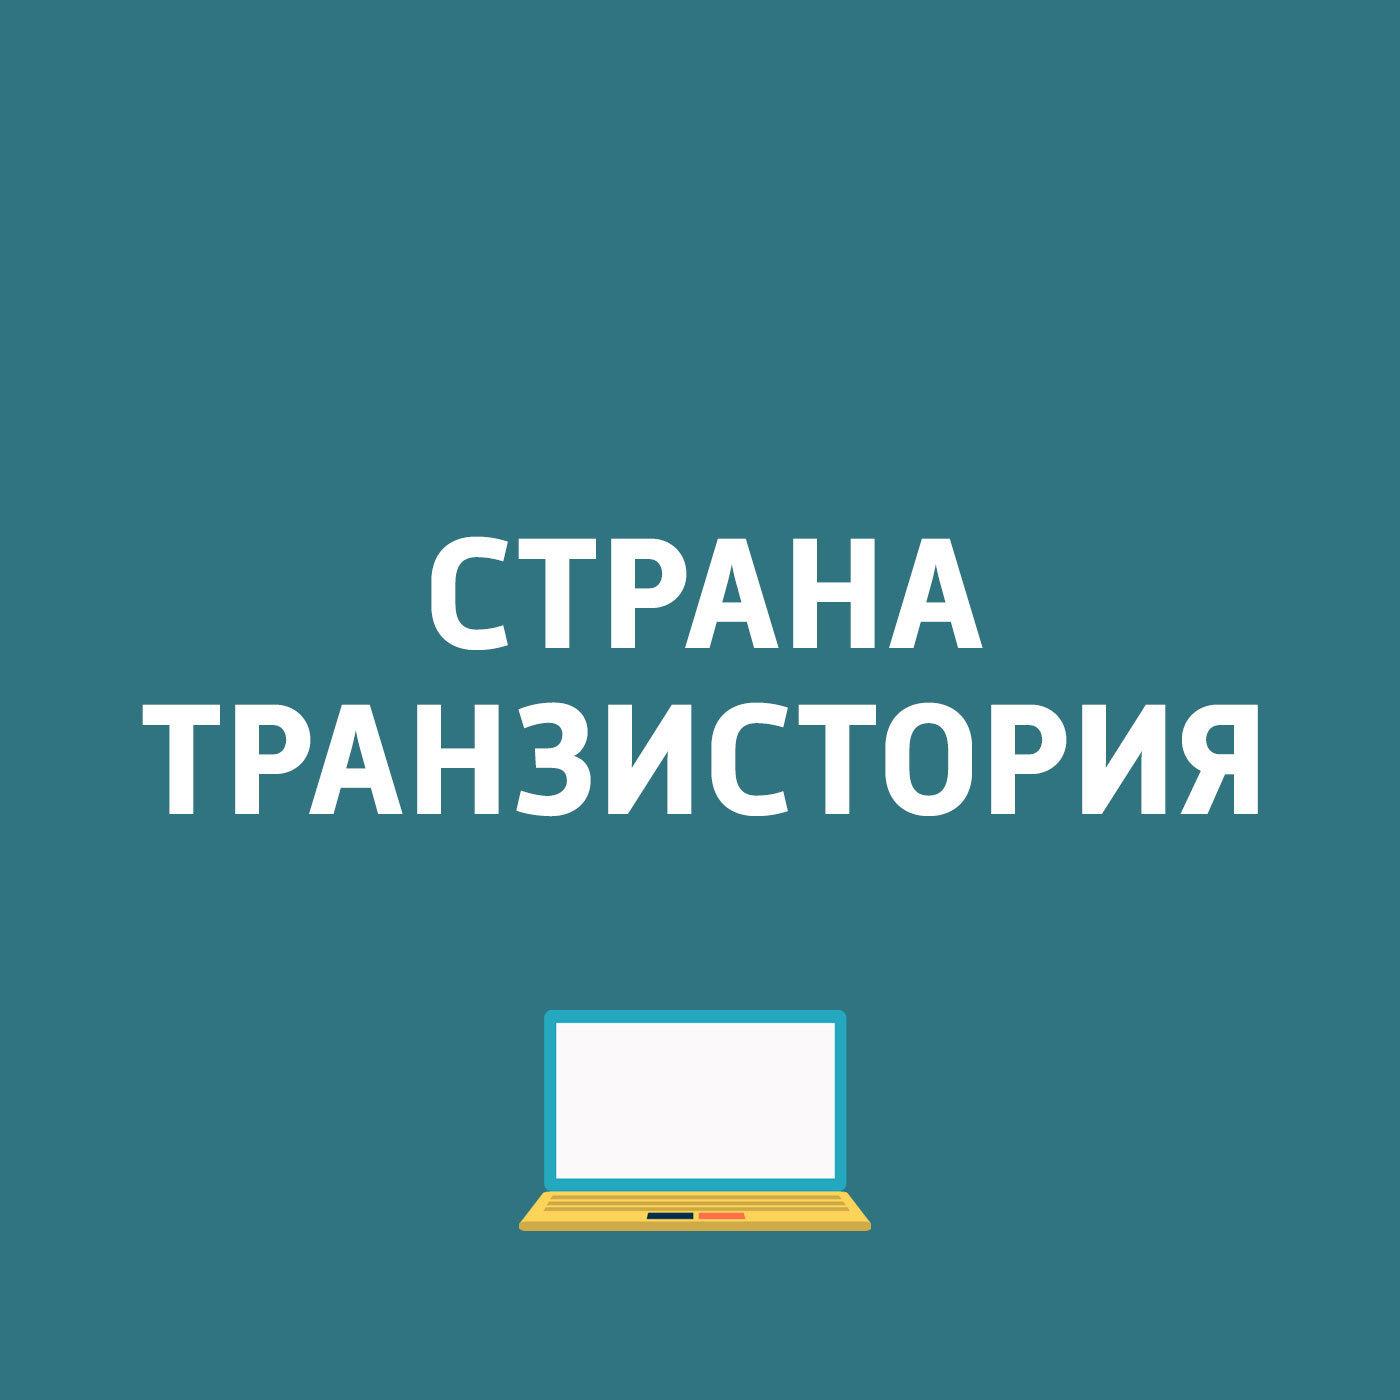 Картаев Павел Блокировка pleer, приложение с лицами